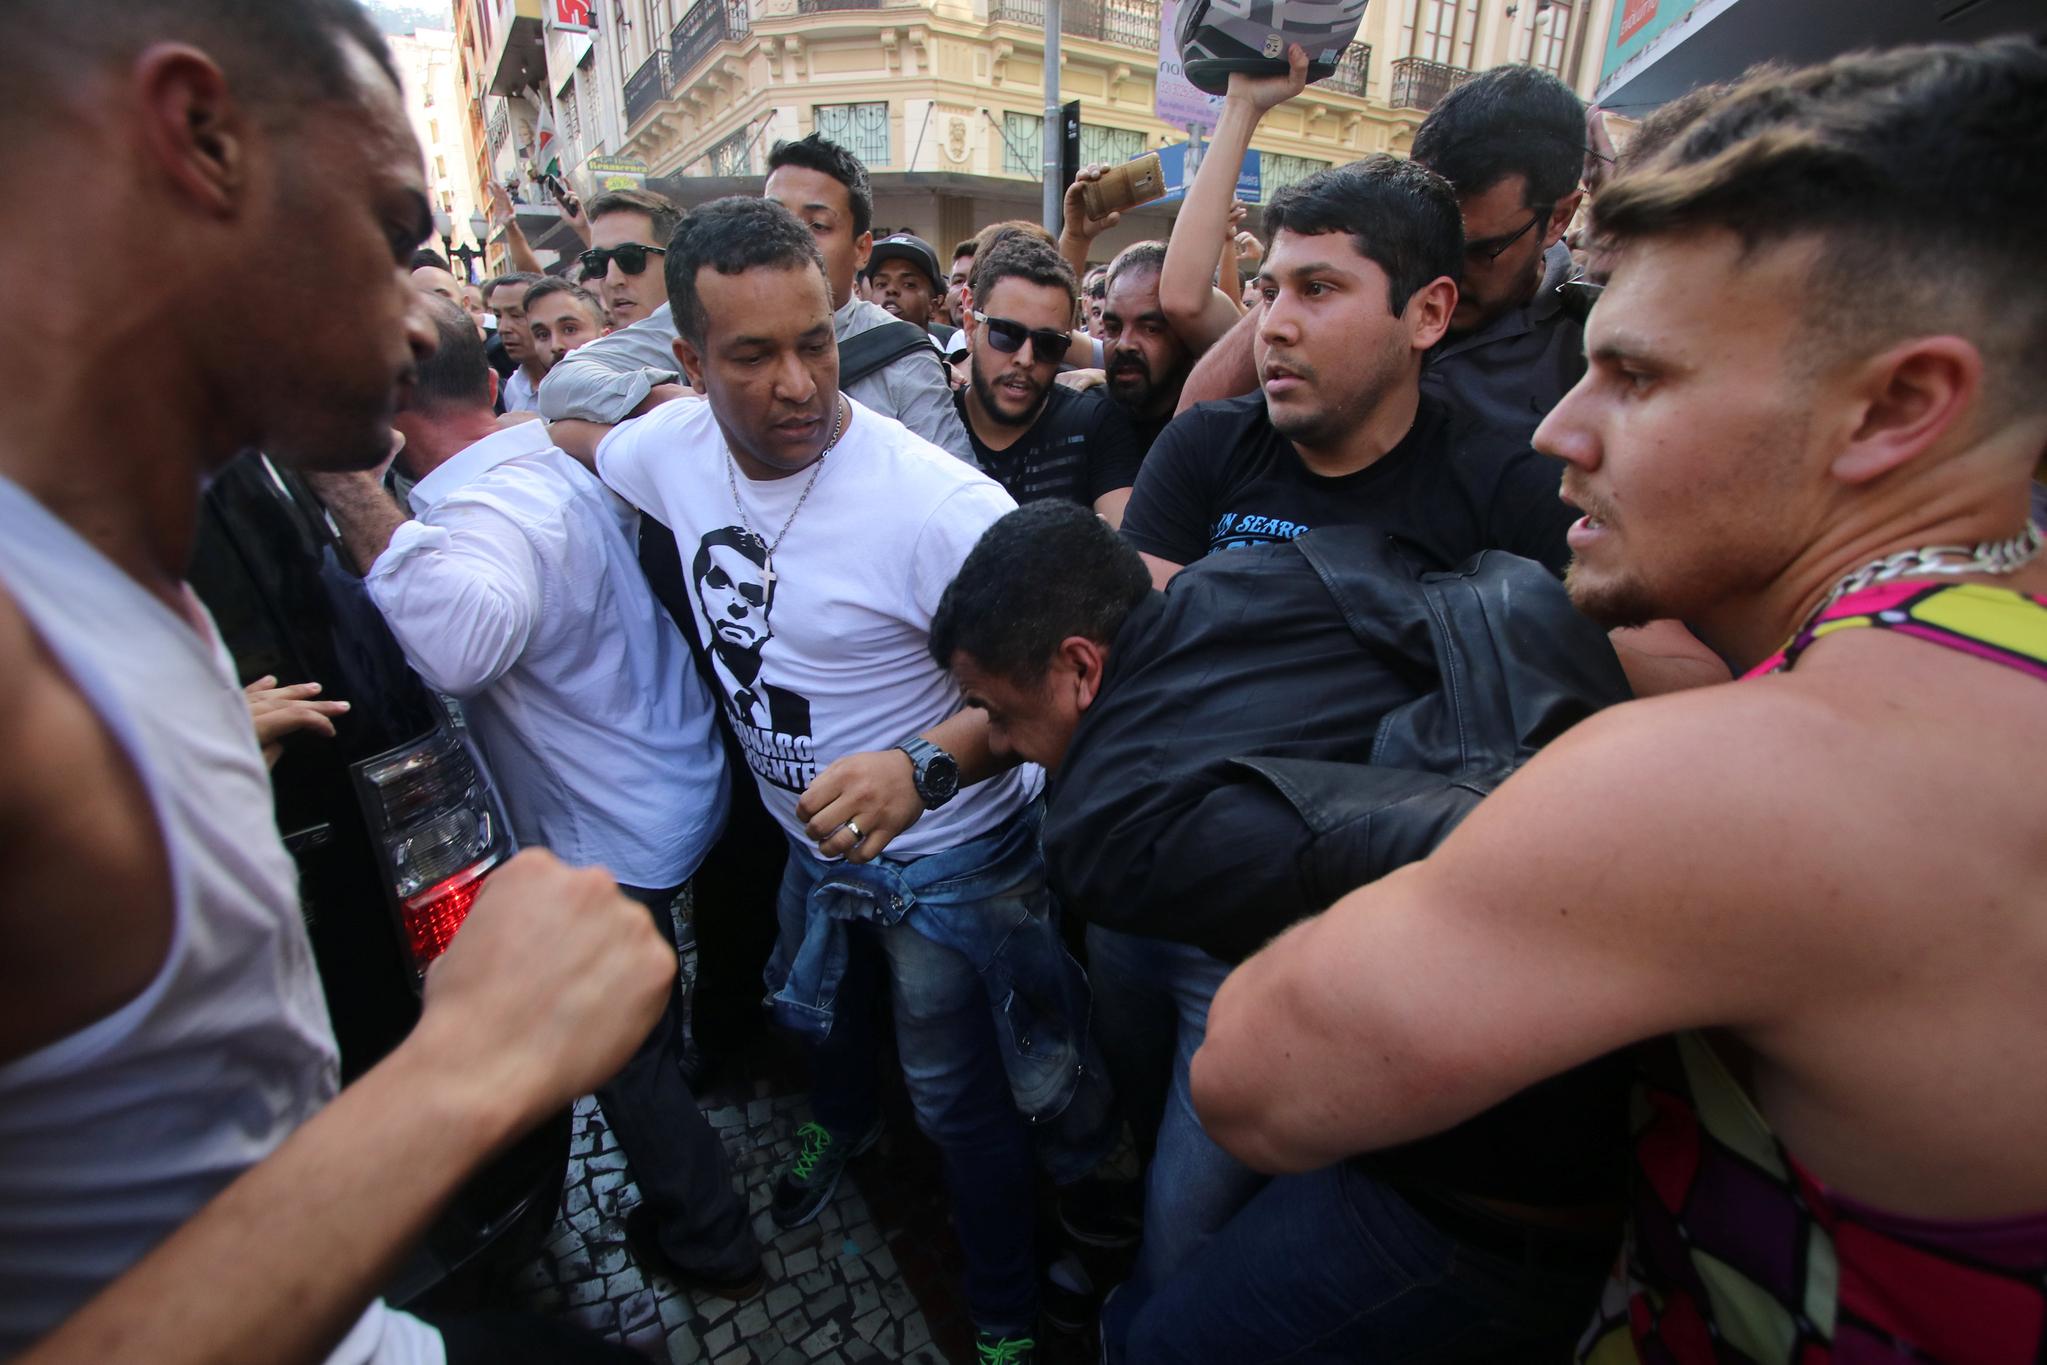 보우소나르 후보 지지자들이 6일(현지시간) 피습 현장에서 용의자인 아델리우 비스푸 지 올리베이라를 둘어싸고 있다. [로이터=연합뉴스]